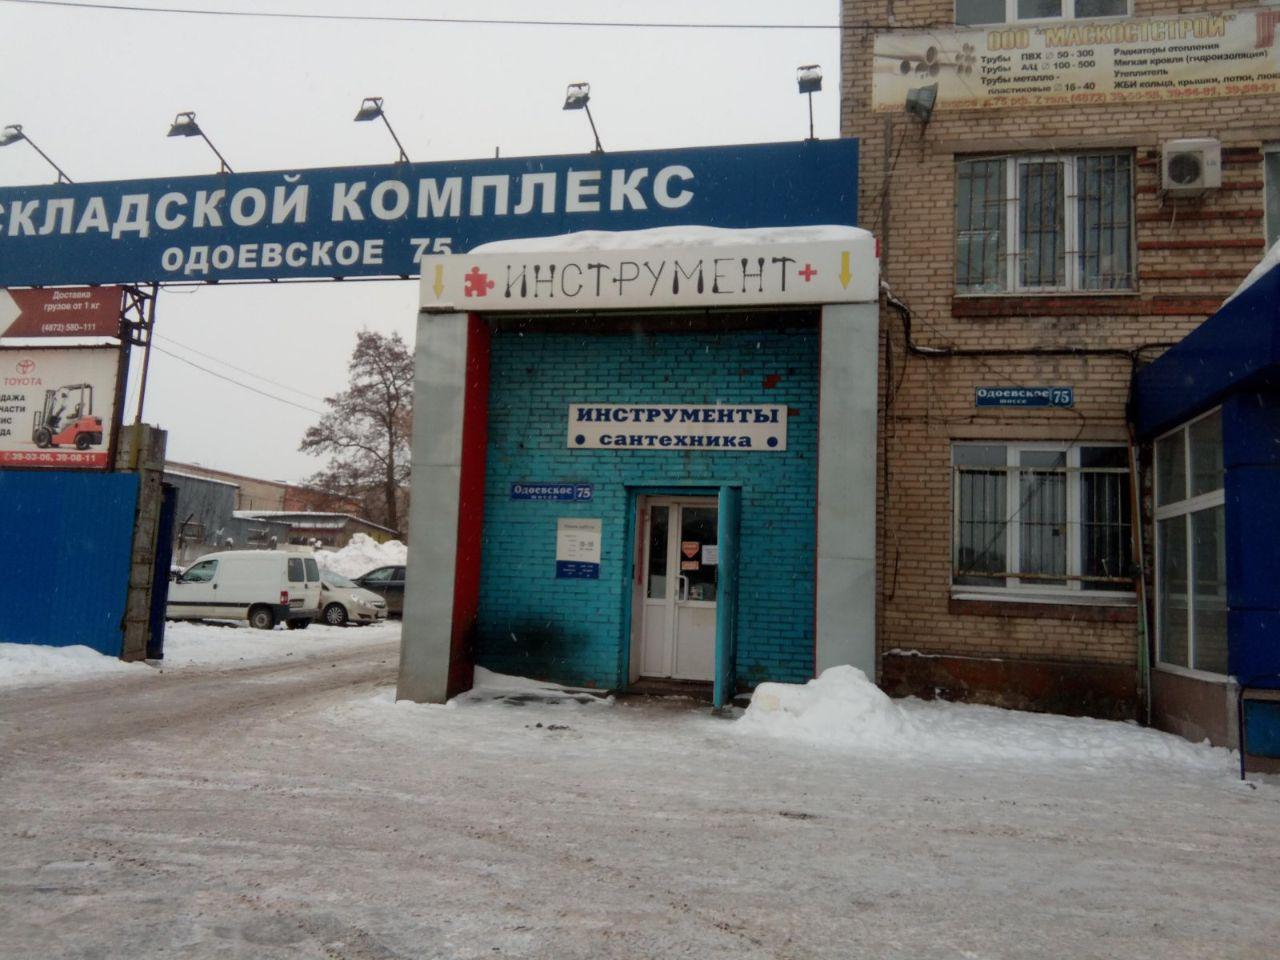 БЦ на Одоевском шоссе, 75